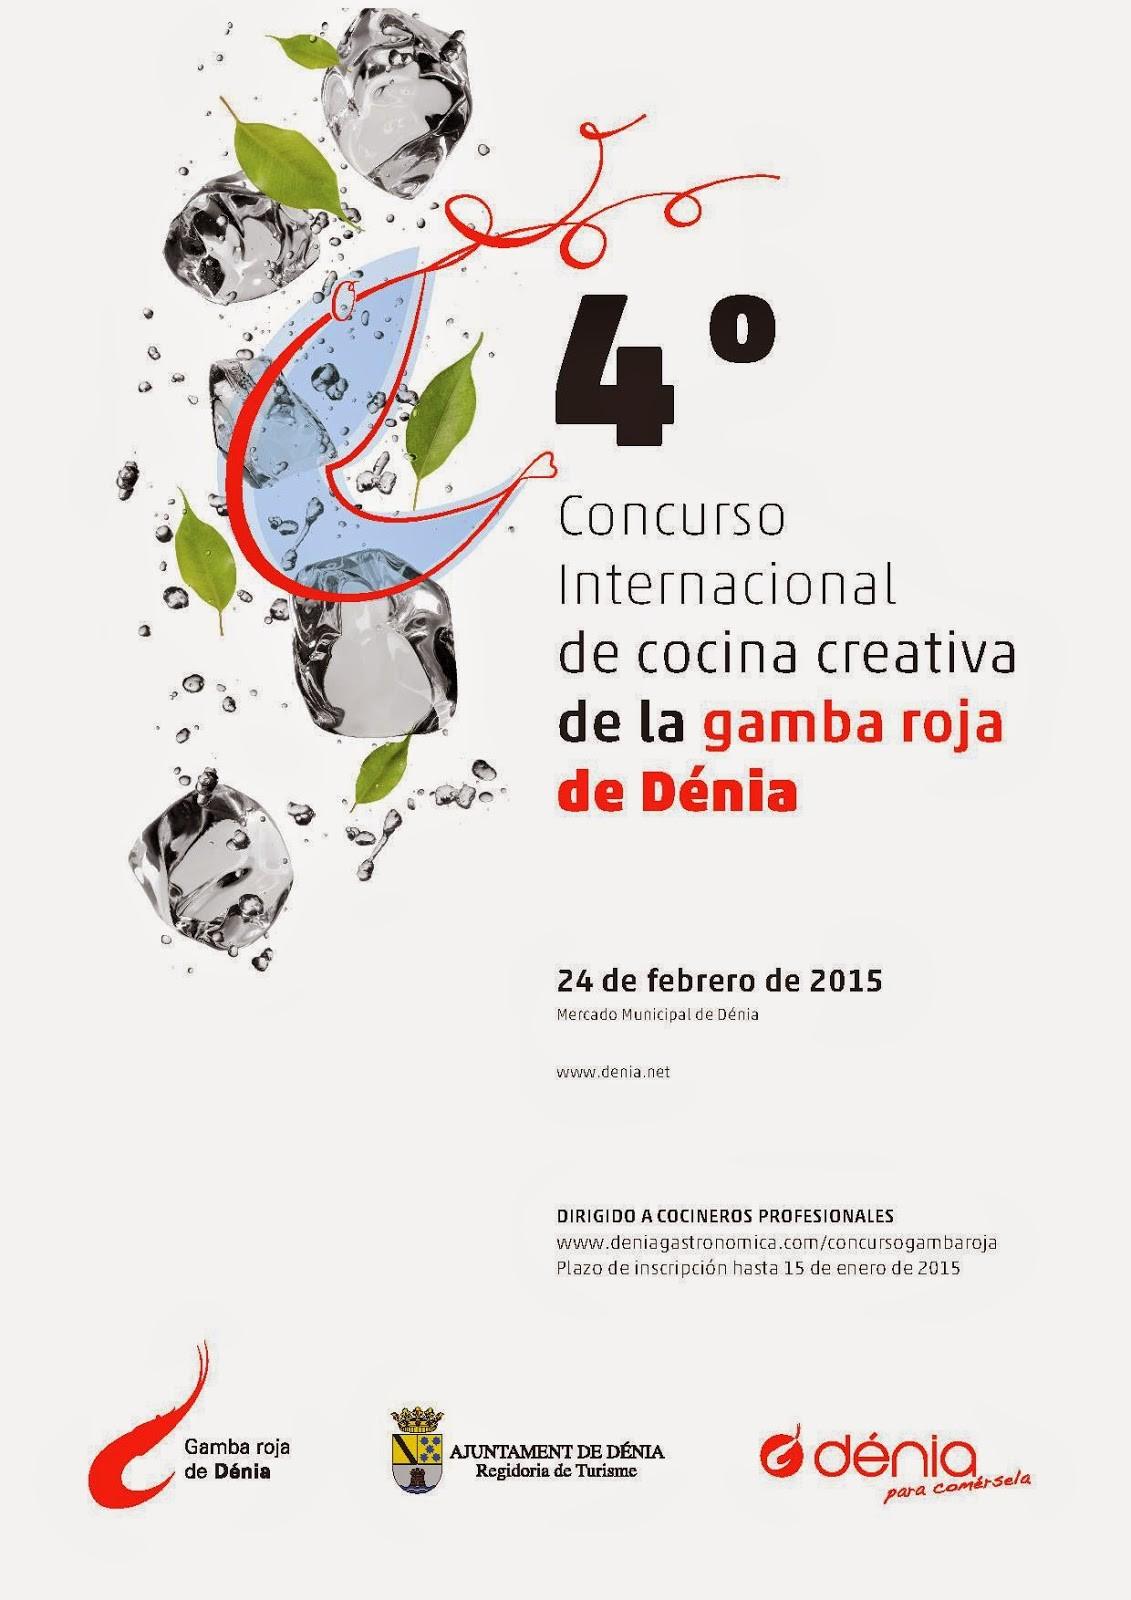 concurso cocina creativa gamba denia 2015